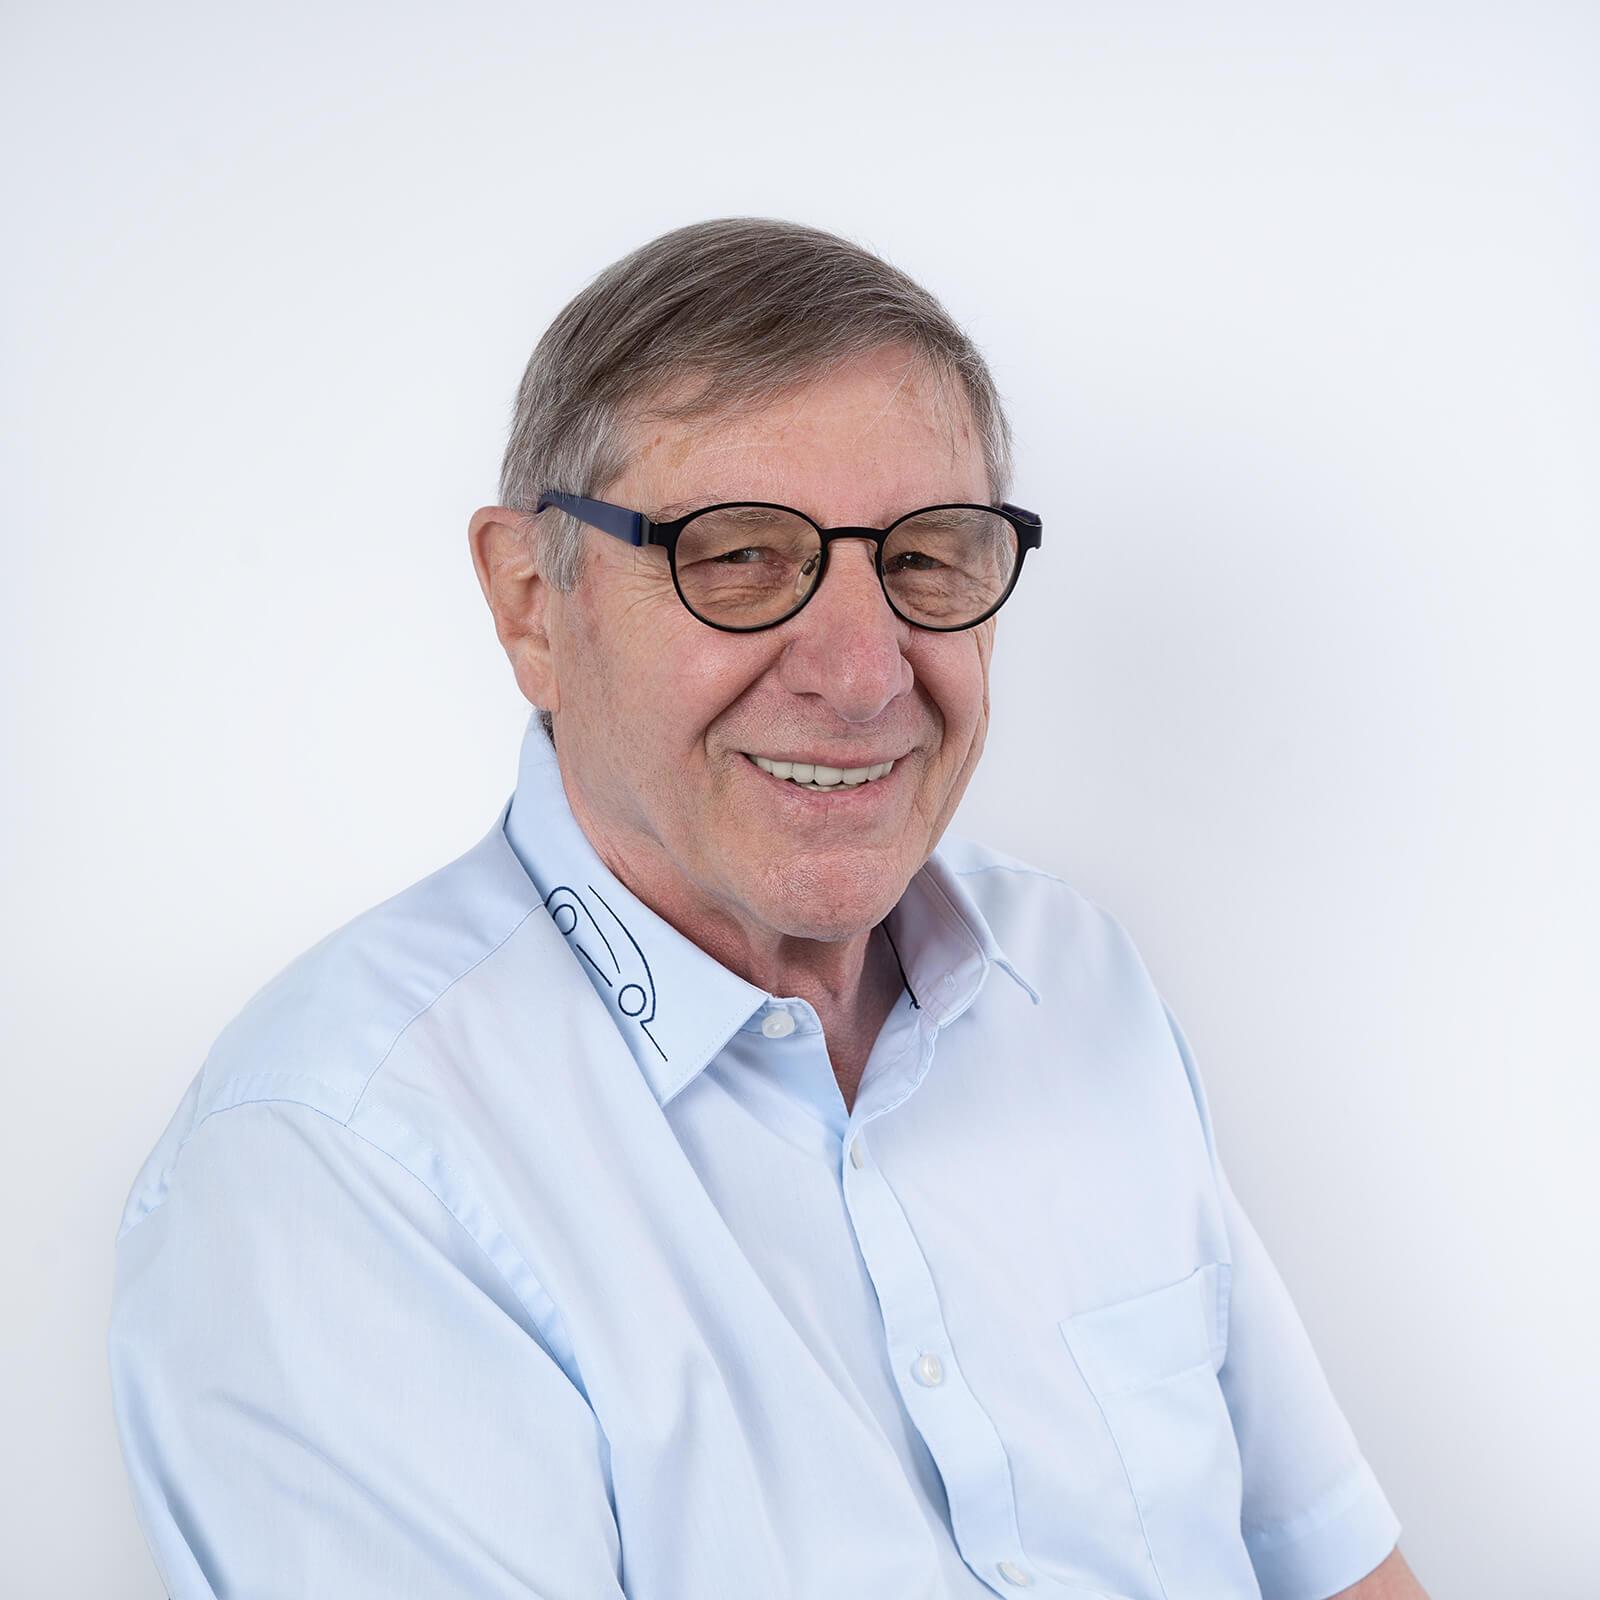 Herr Peter Schmitt